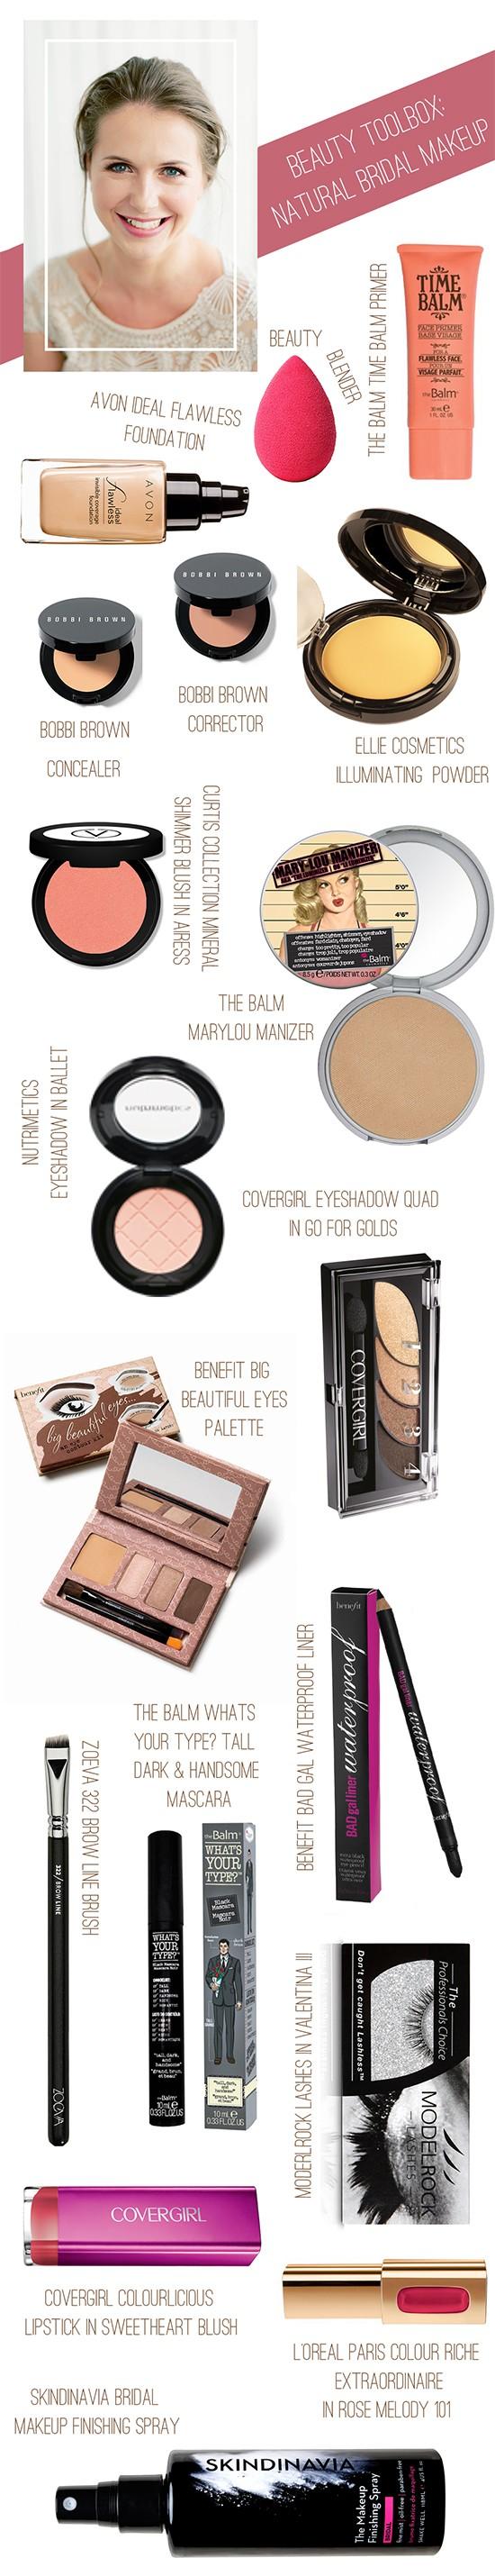 Natural bridal makeup toolbox